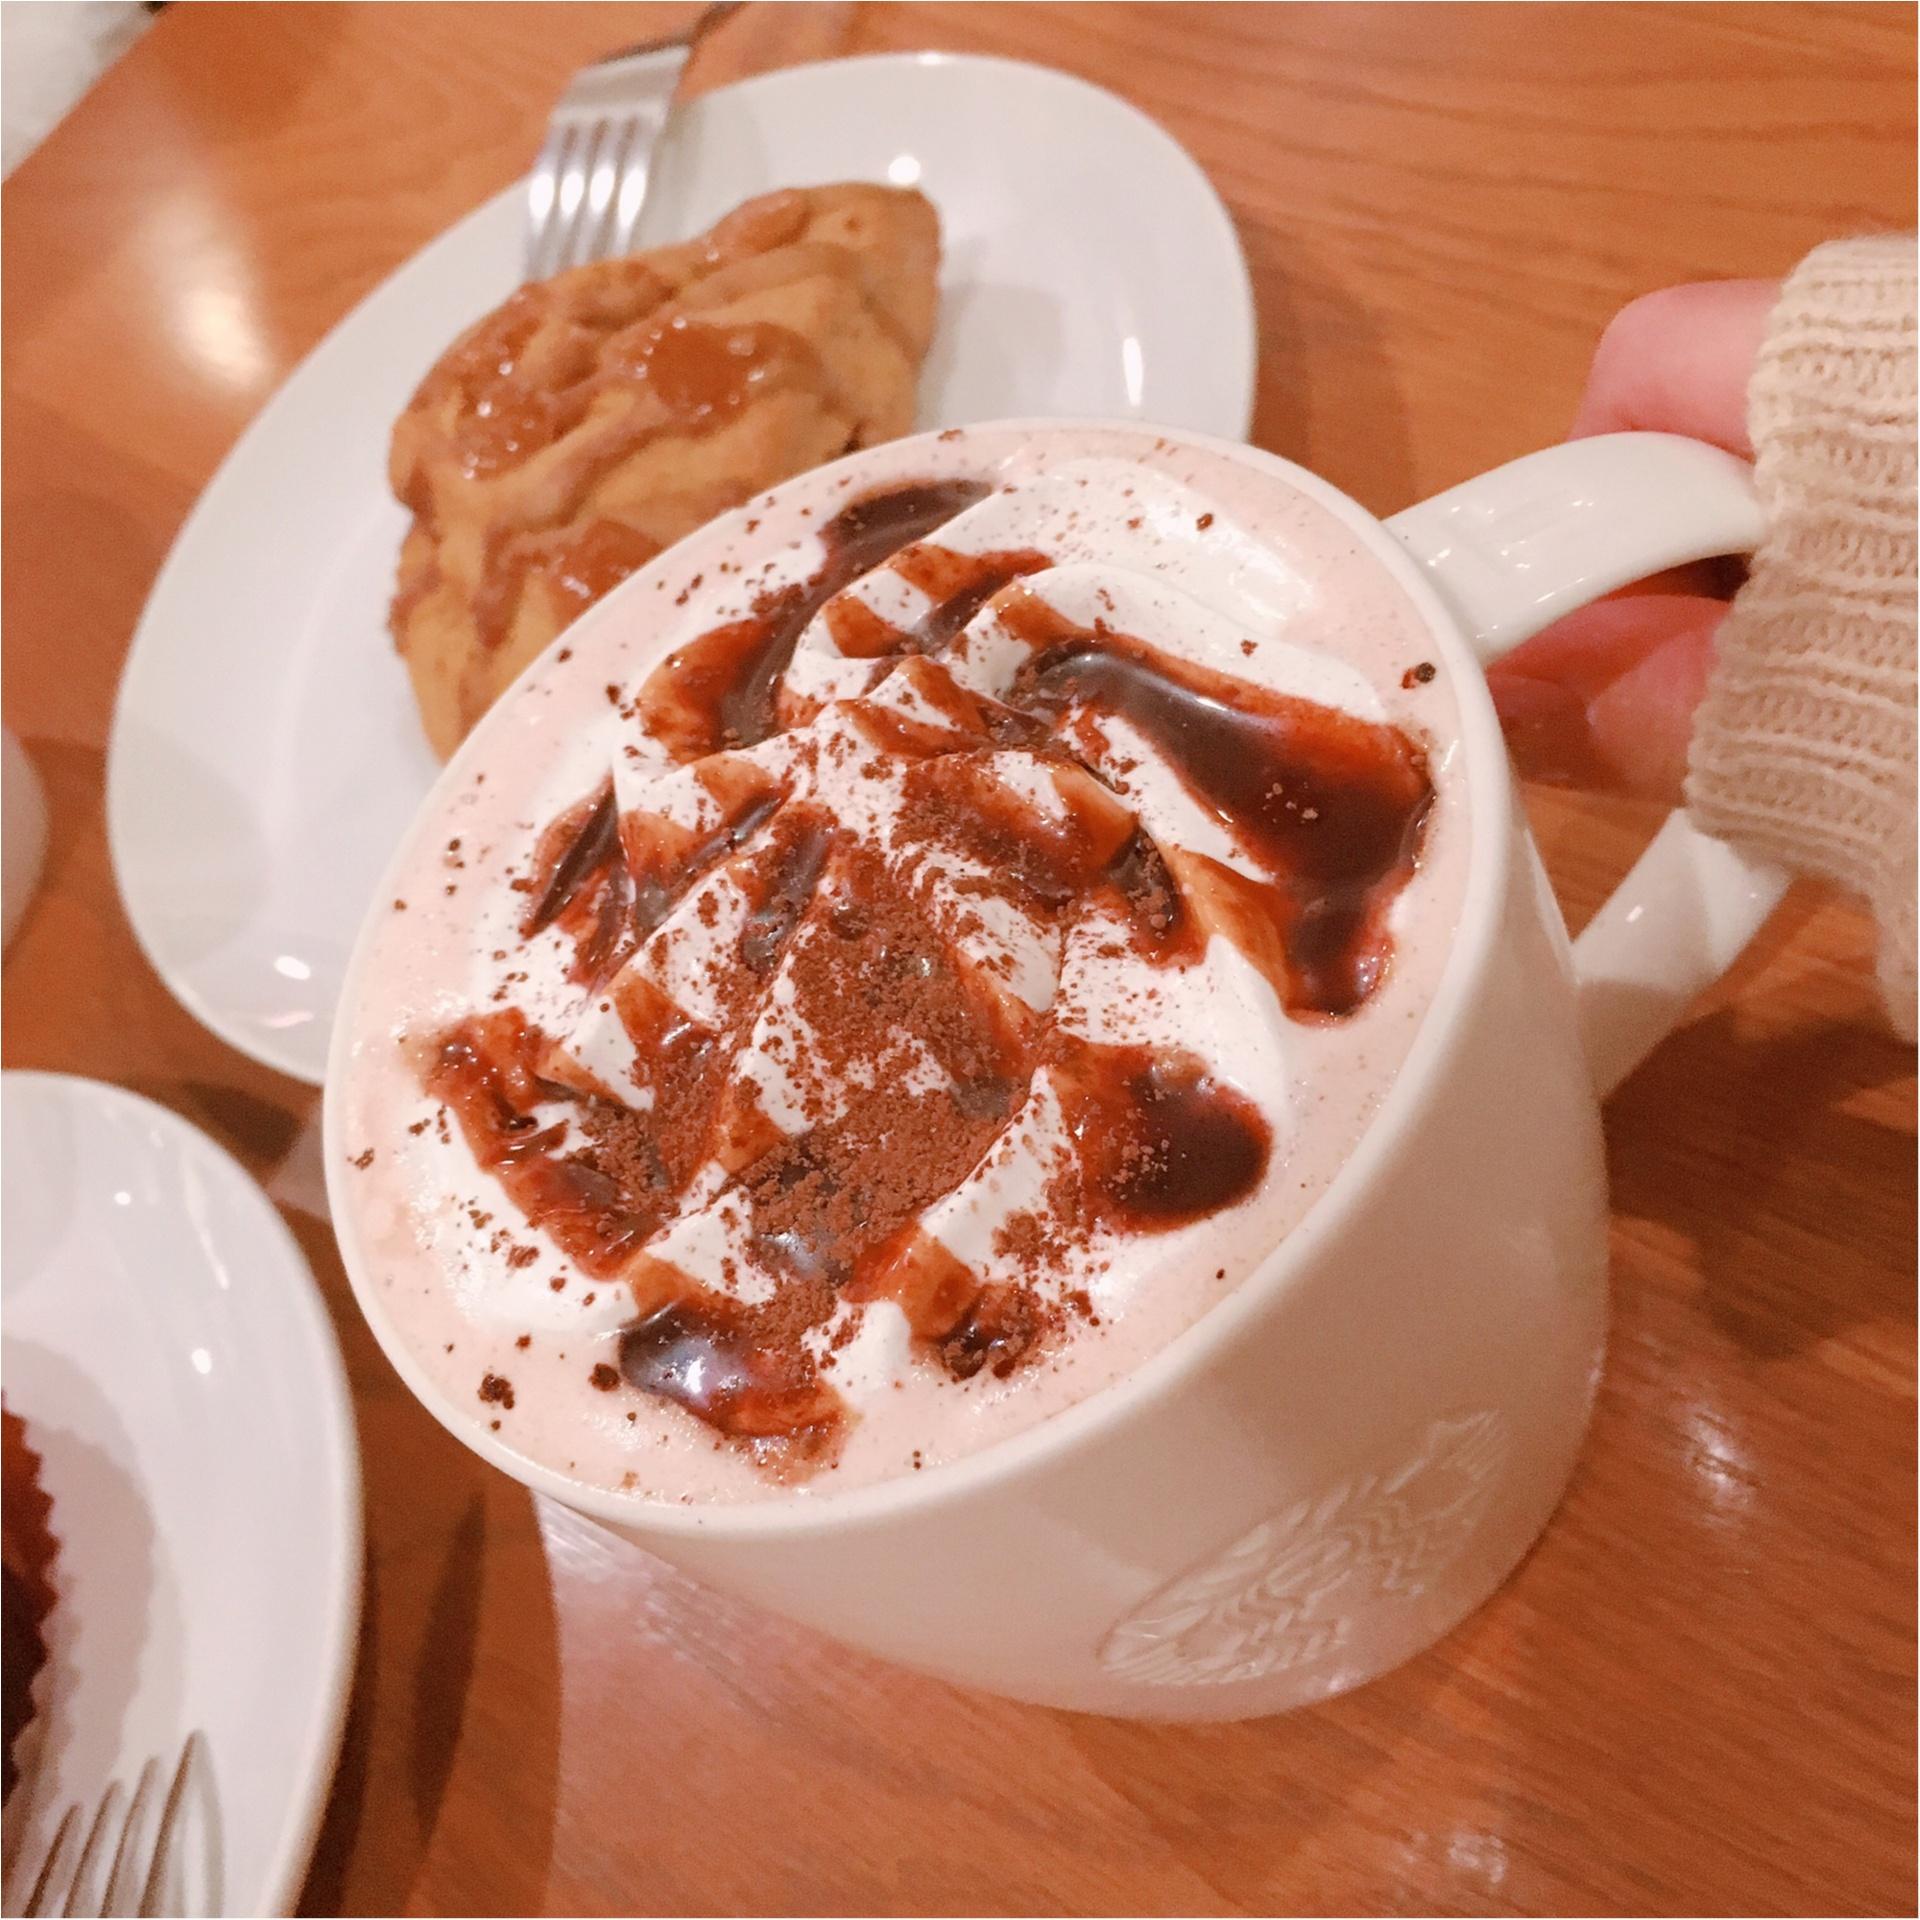 【スタバ】バレンタイン新作『チョコホリック ココ』と店員さん考案『アメリカンスコーン キャラメルトフィー』がついに登場!_2